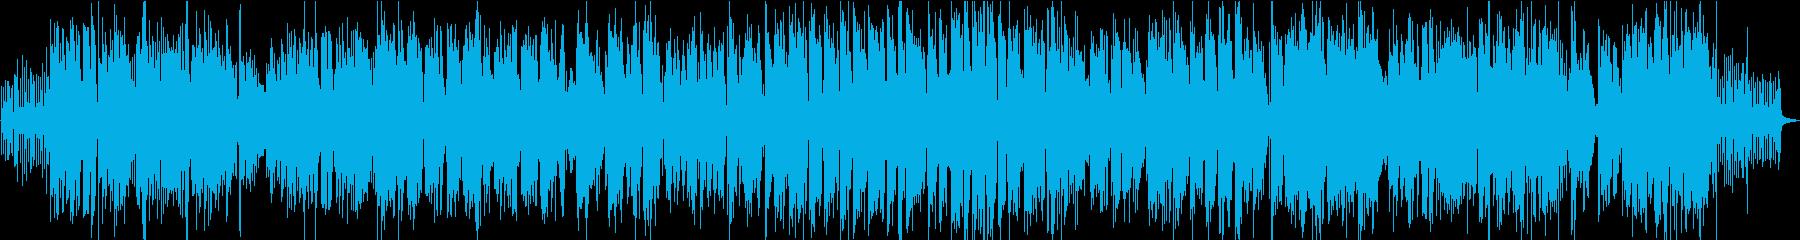 2つのトロンボーン。 3回。の再生済みの波形